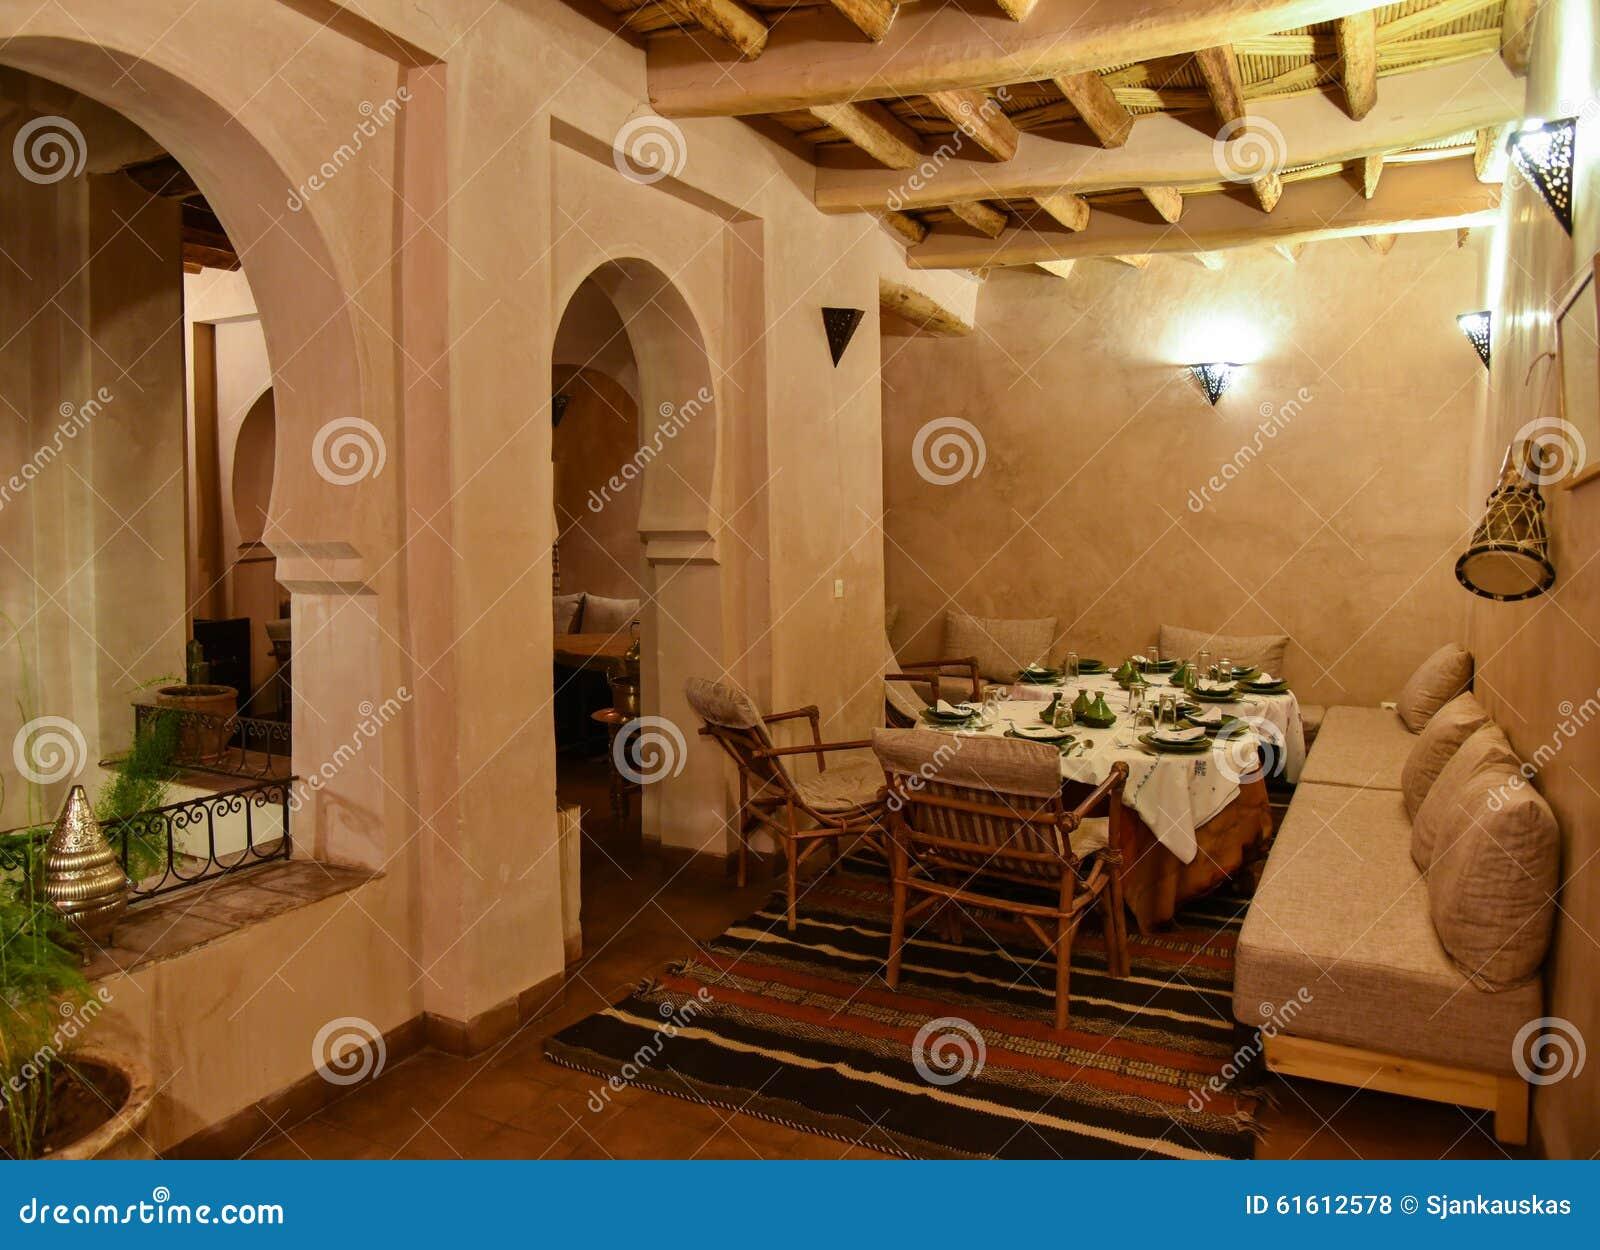 Interieur Maison Marocaine